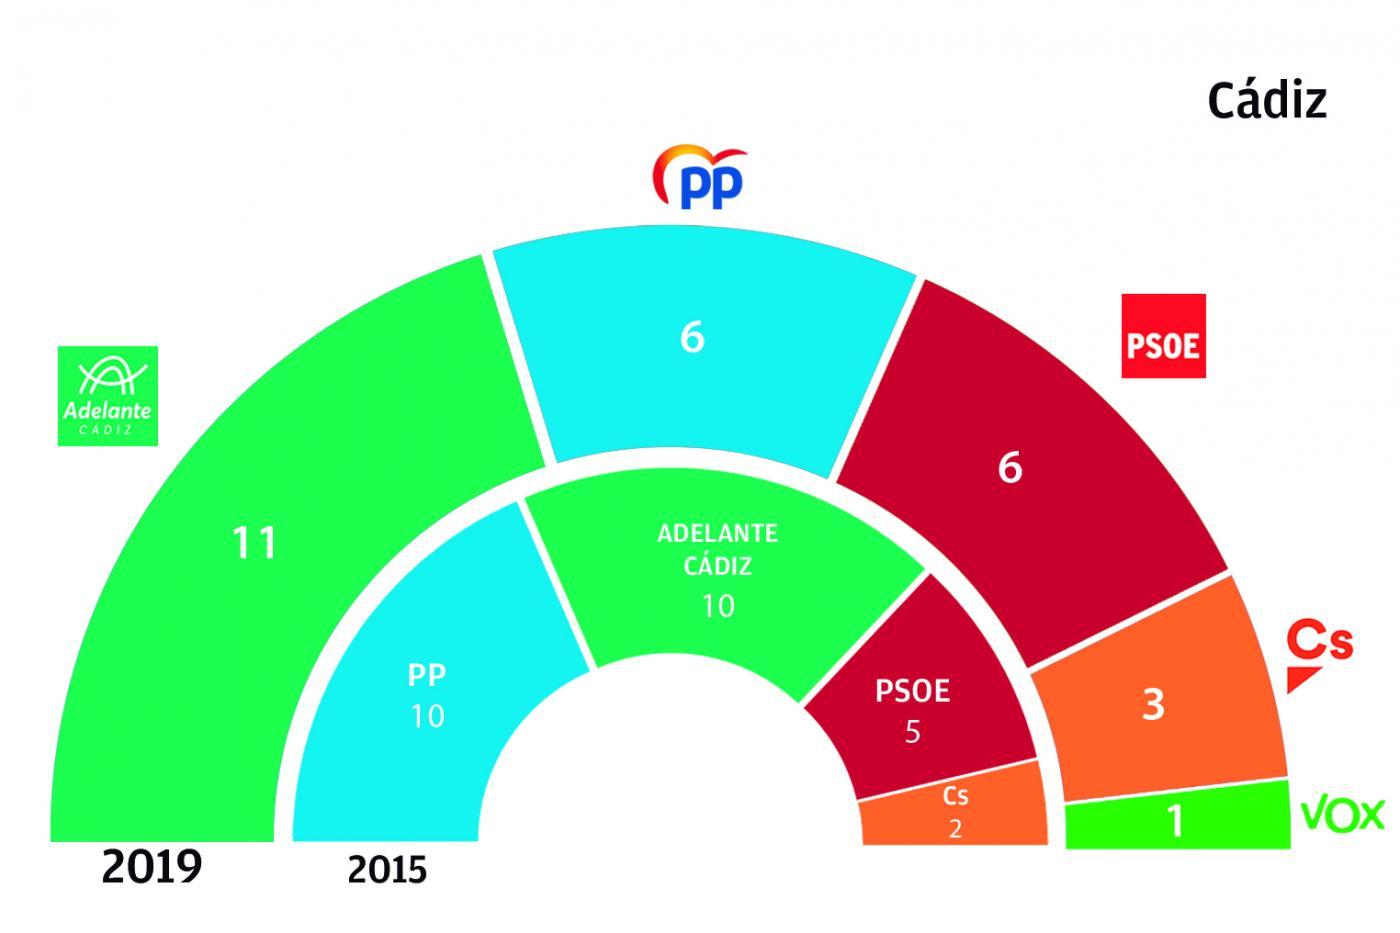 Sondeo para Cádiz Kichi-seria-el-candidato-mas-votado-en-los-comicios-del-26-de-mayo